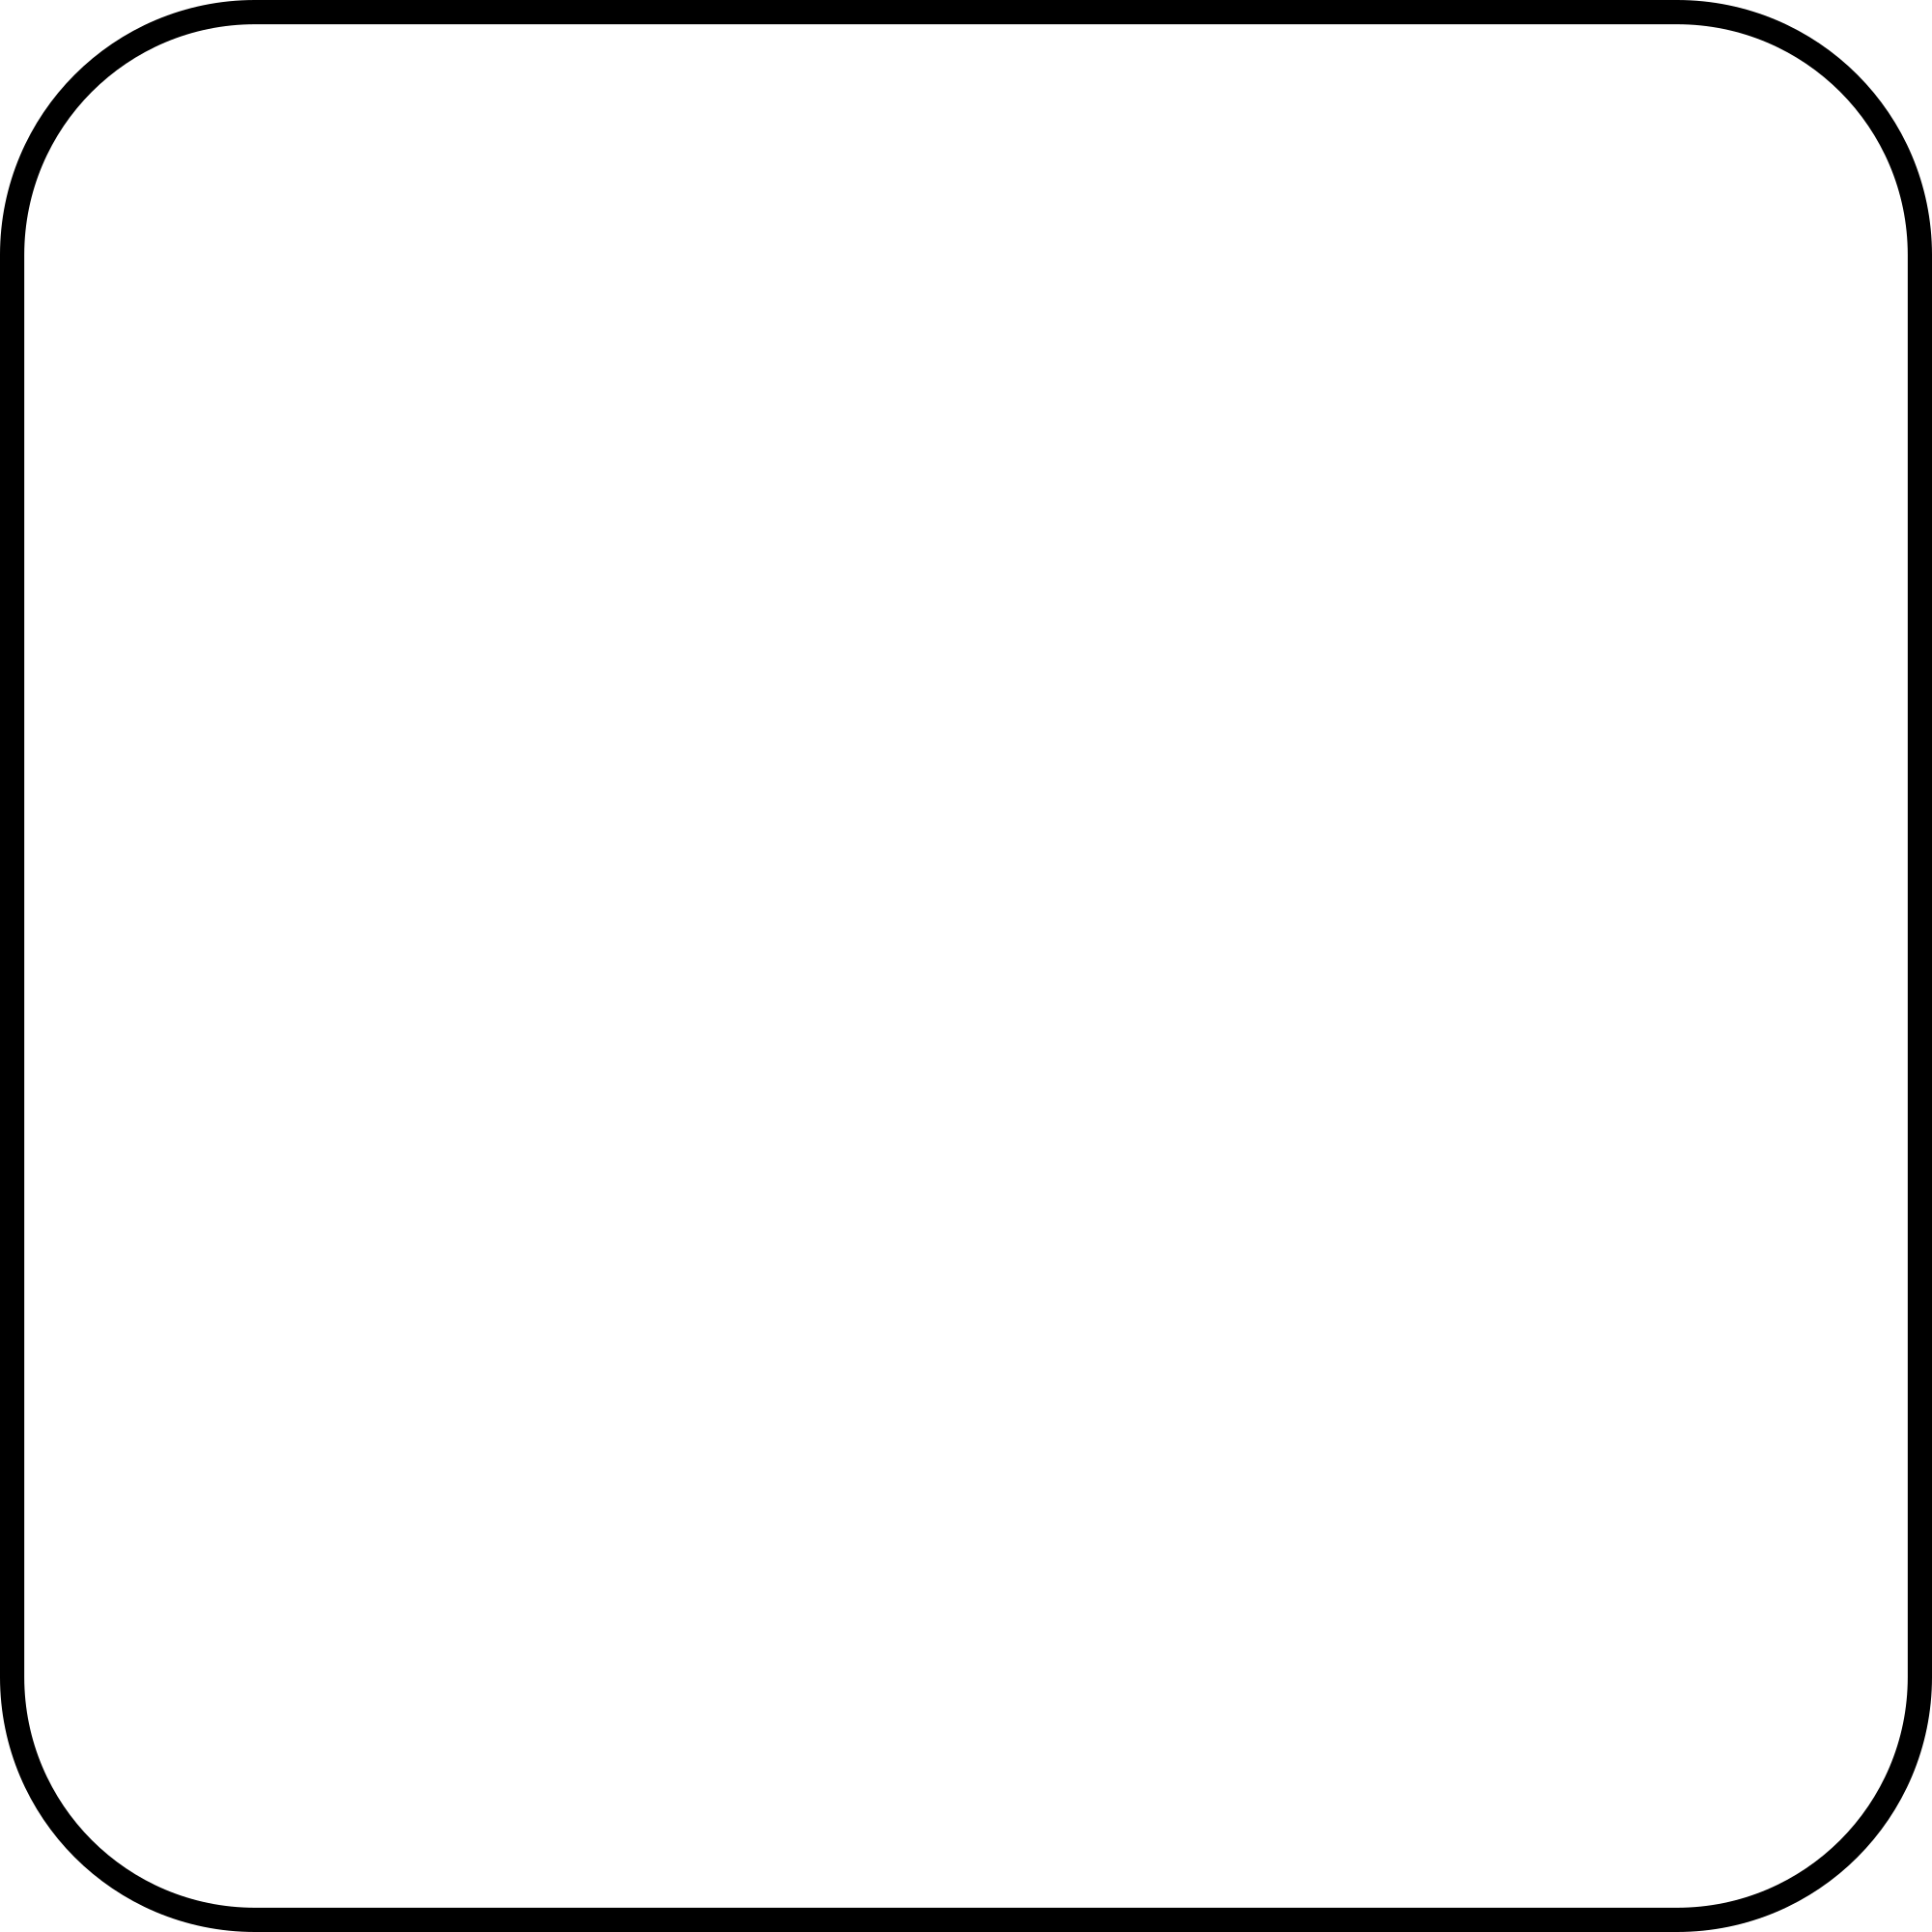 2000x2000 Filedice 0.svg